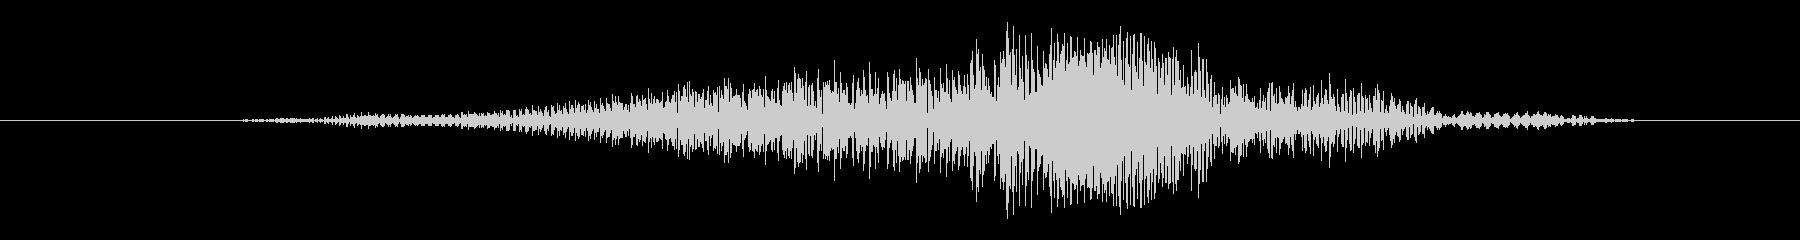 鳴き声 男性のうめき株01の未再生の波形